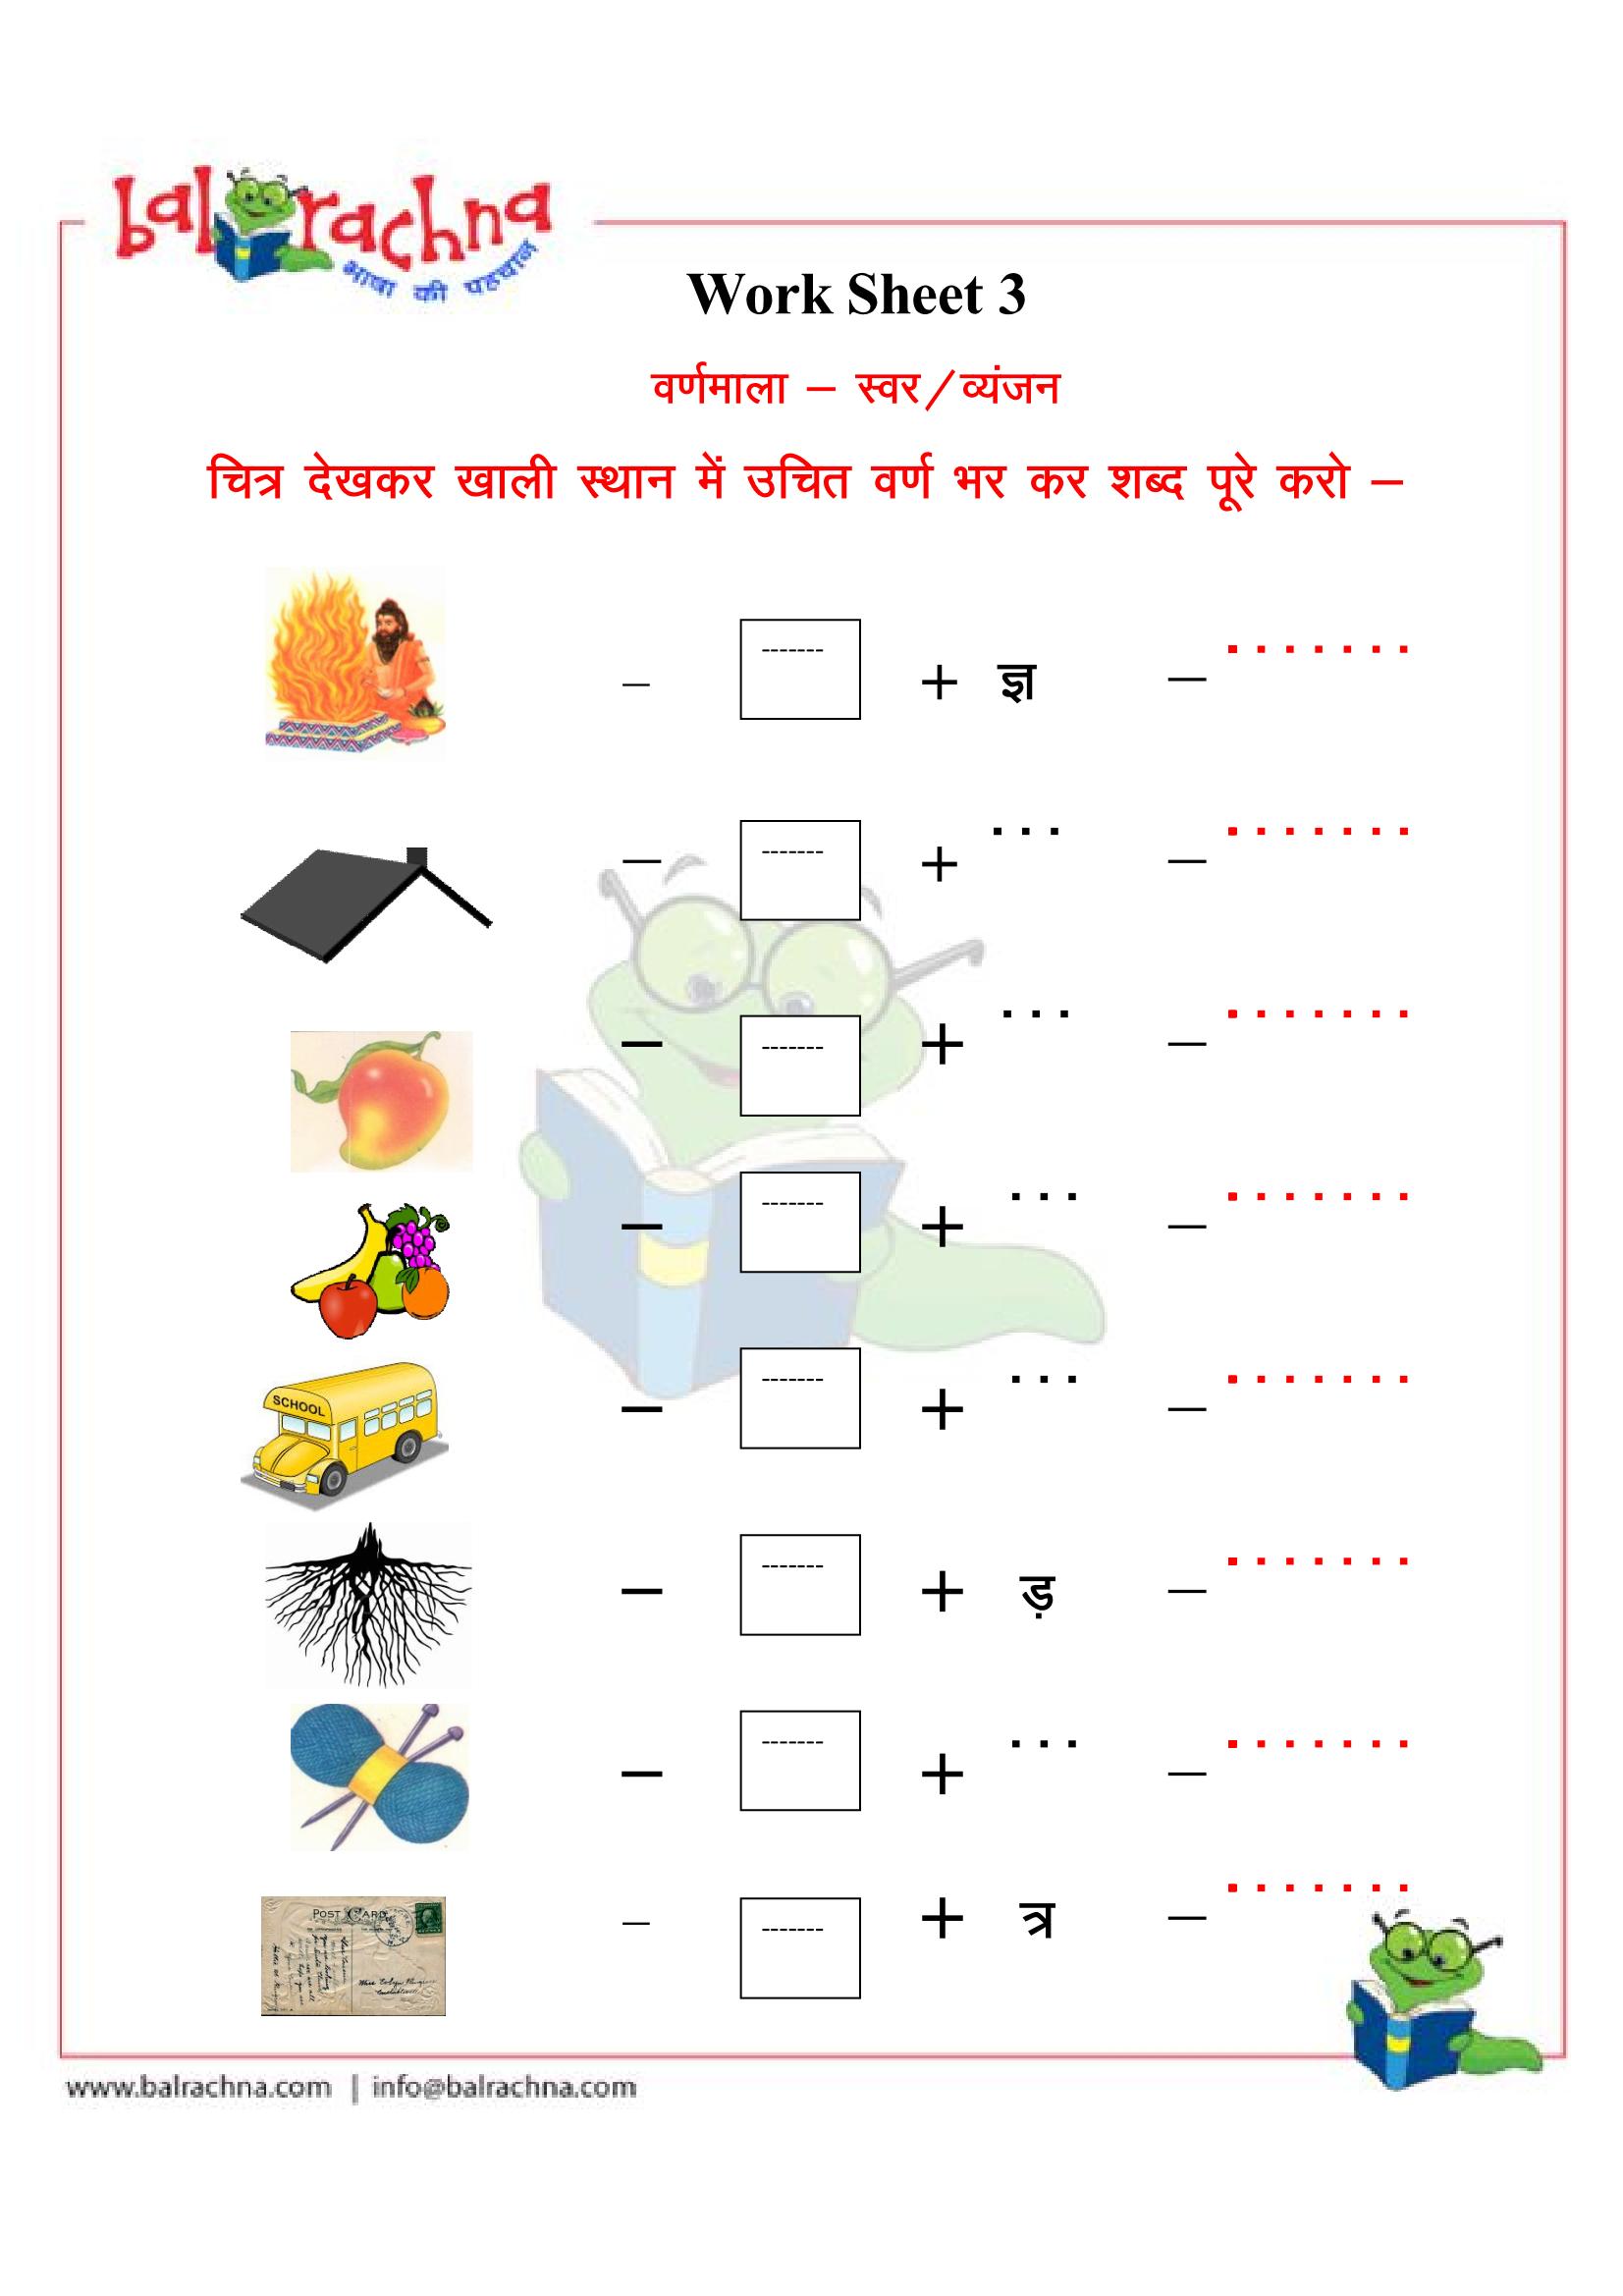 Hindi Worksheets Image By Rachna Maheshwari On Rachna